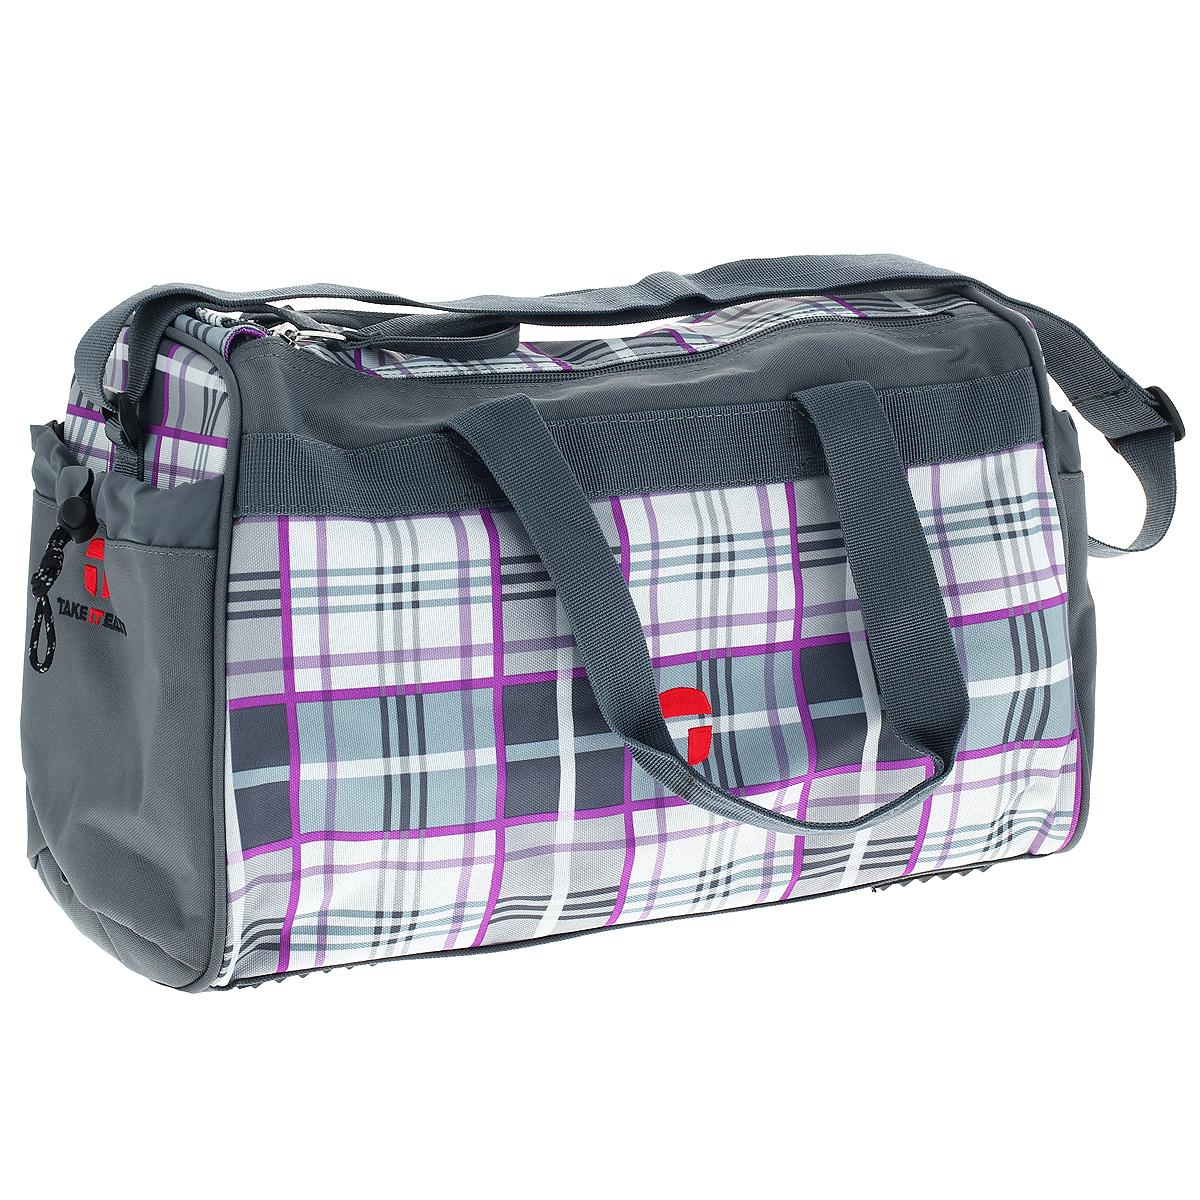 Сумка спортивная Take It Easy Килт, цвет: серый28407469190Спортивная сумка Take It Easy Килт предназначена для переноски спортивных вещей, обуви и инвентаря. Сумка ручной работы выполнена из современных резистентных материалов и оформлена графическим рисунком. Сумка имеет одно вместительное отделение, закрывающееся на две застежки-молнии. Бегунки на застежках соединены общим текстильным держателем. На тыльной стороне сумки расположен внешний карман для обуви, закрывающийся на застежку молнию. По бокам находятся два внешних кармана, затягивающиеся сверху текстильным шнурком с фиксатором. Спортивная сумка оснащена двумя текстильными ручками для переноски в руке и плечевым ремнем, регулируемым по длине. На дне сумки расположены четыре широкие пластиковые ножки, которые защитят ее от грязи и продлят срок службы. Характеристики: Материал: текстиль, пластик, металл. Размер сумки: 37 см х 20 см x 25 см. Объем сумки: 18 л.